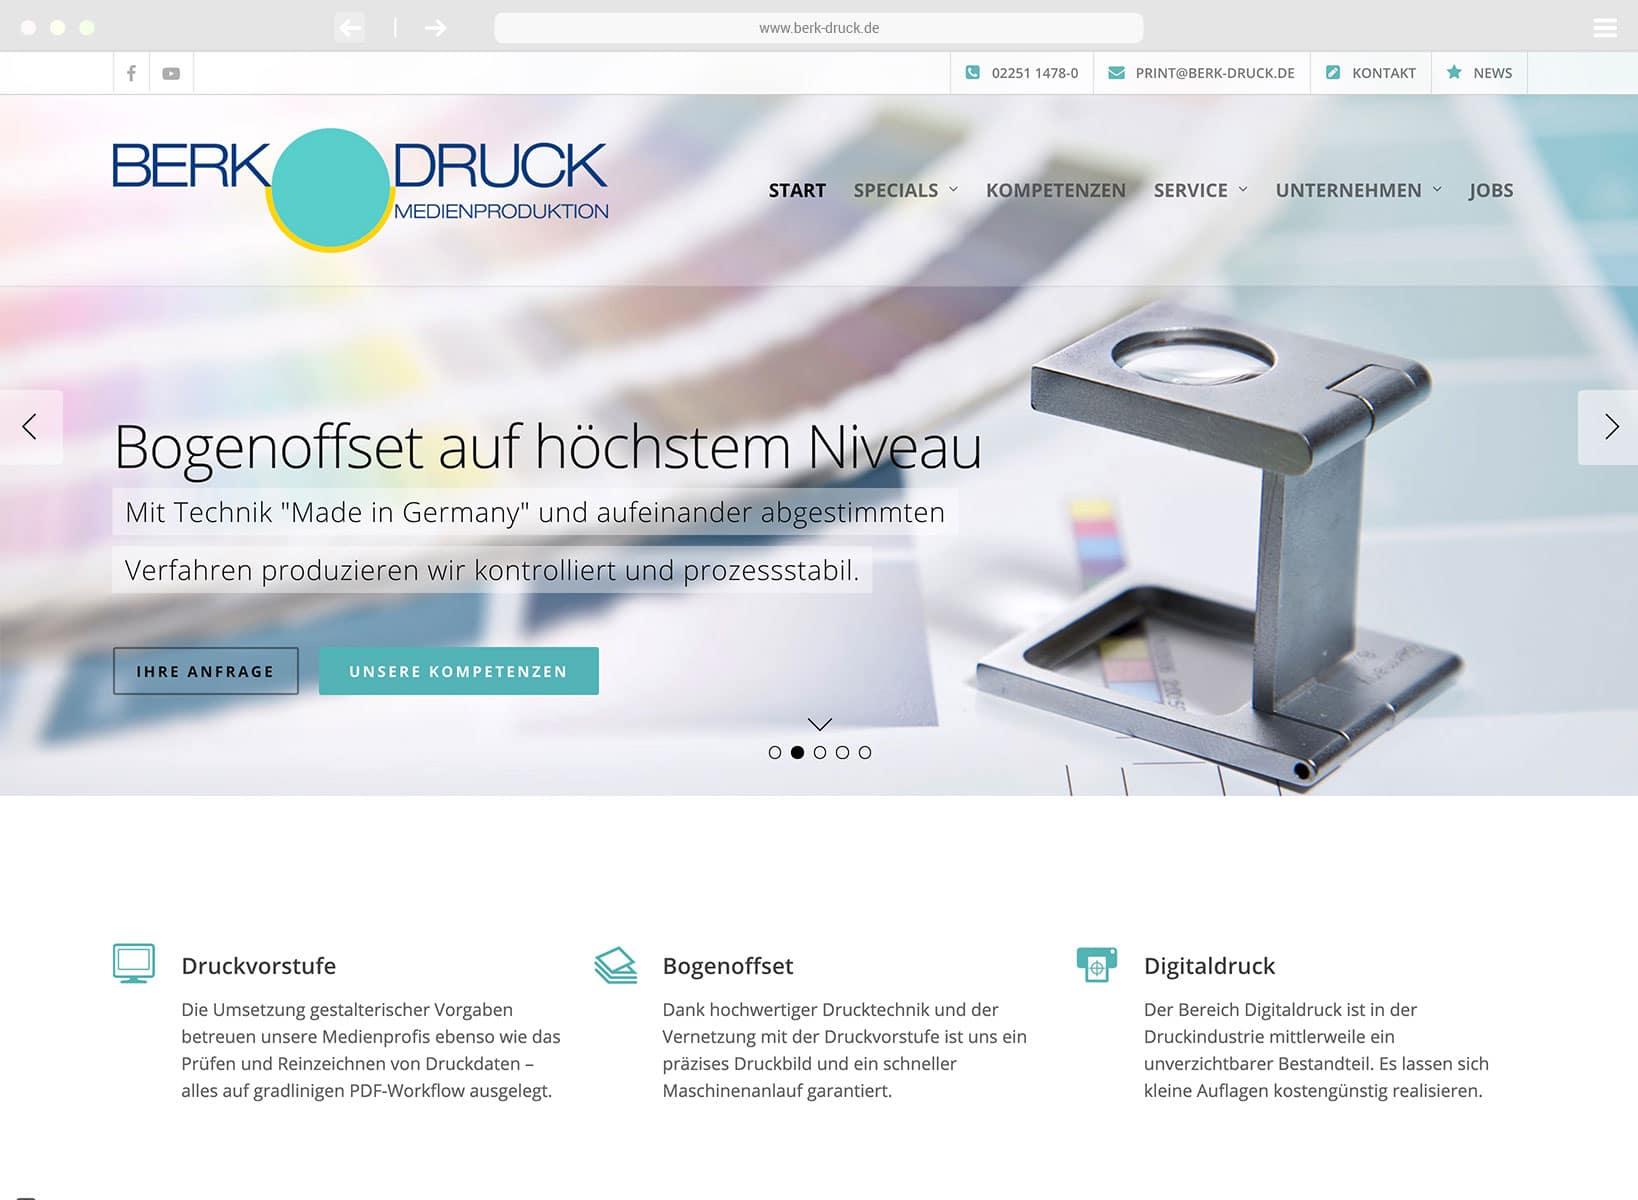 www.berk-druck.de